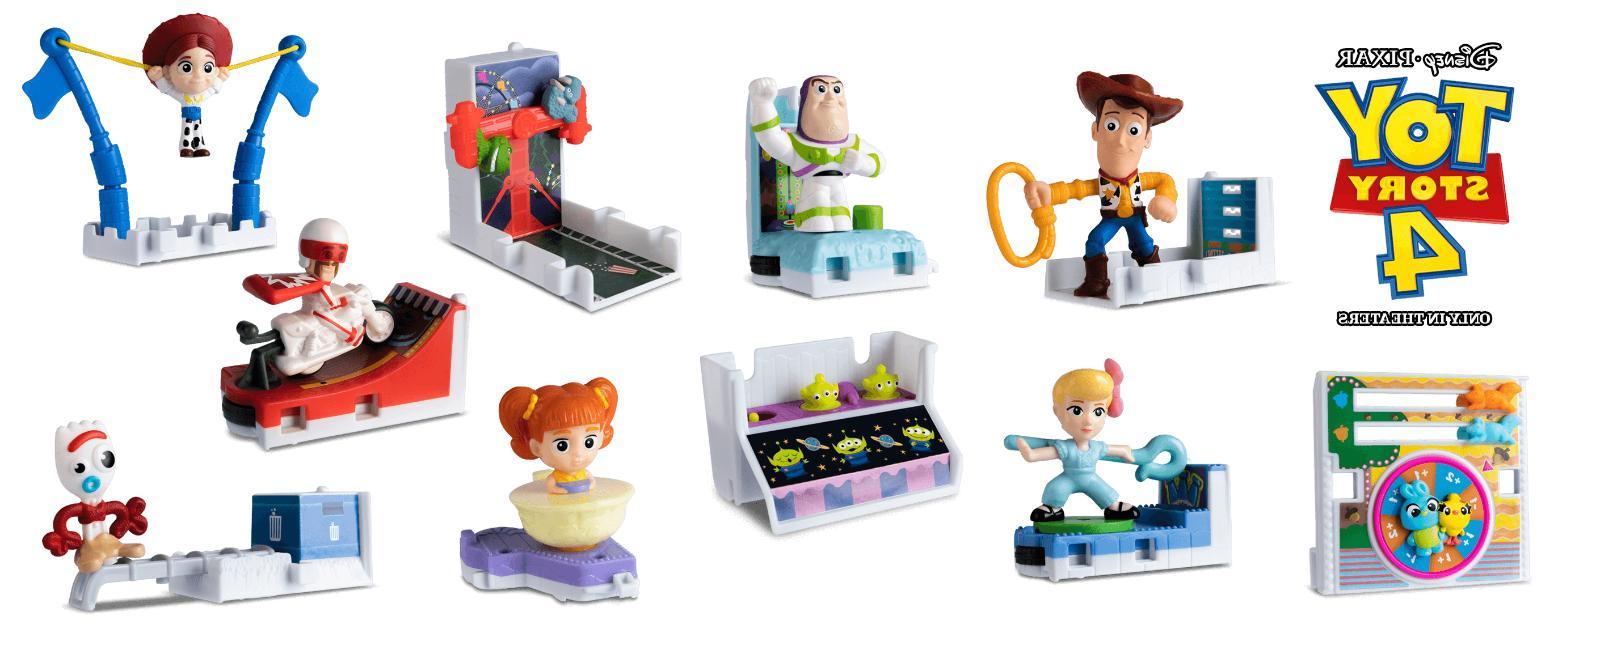 2019 mcdonald s toy story 4 happy